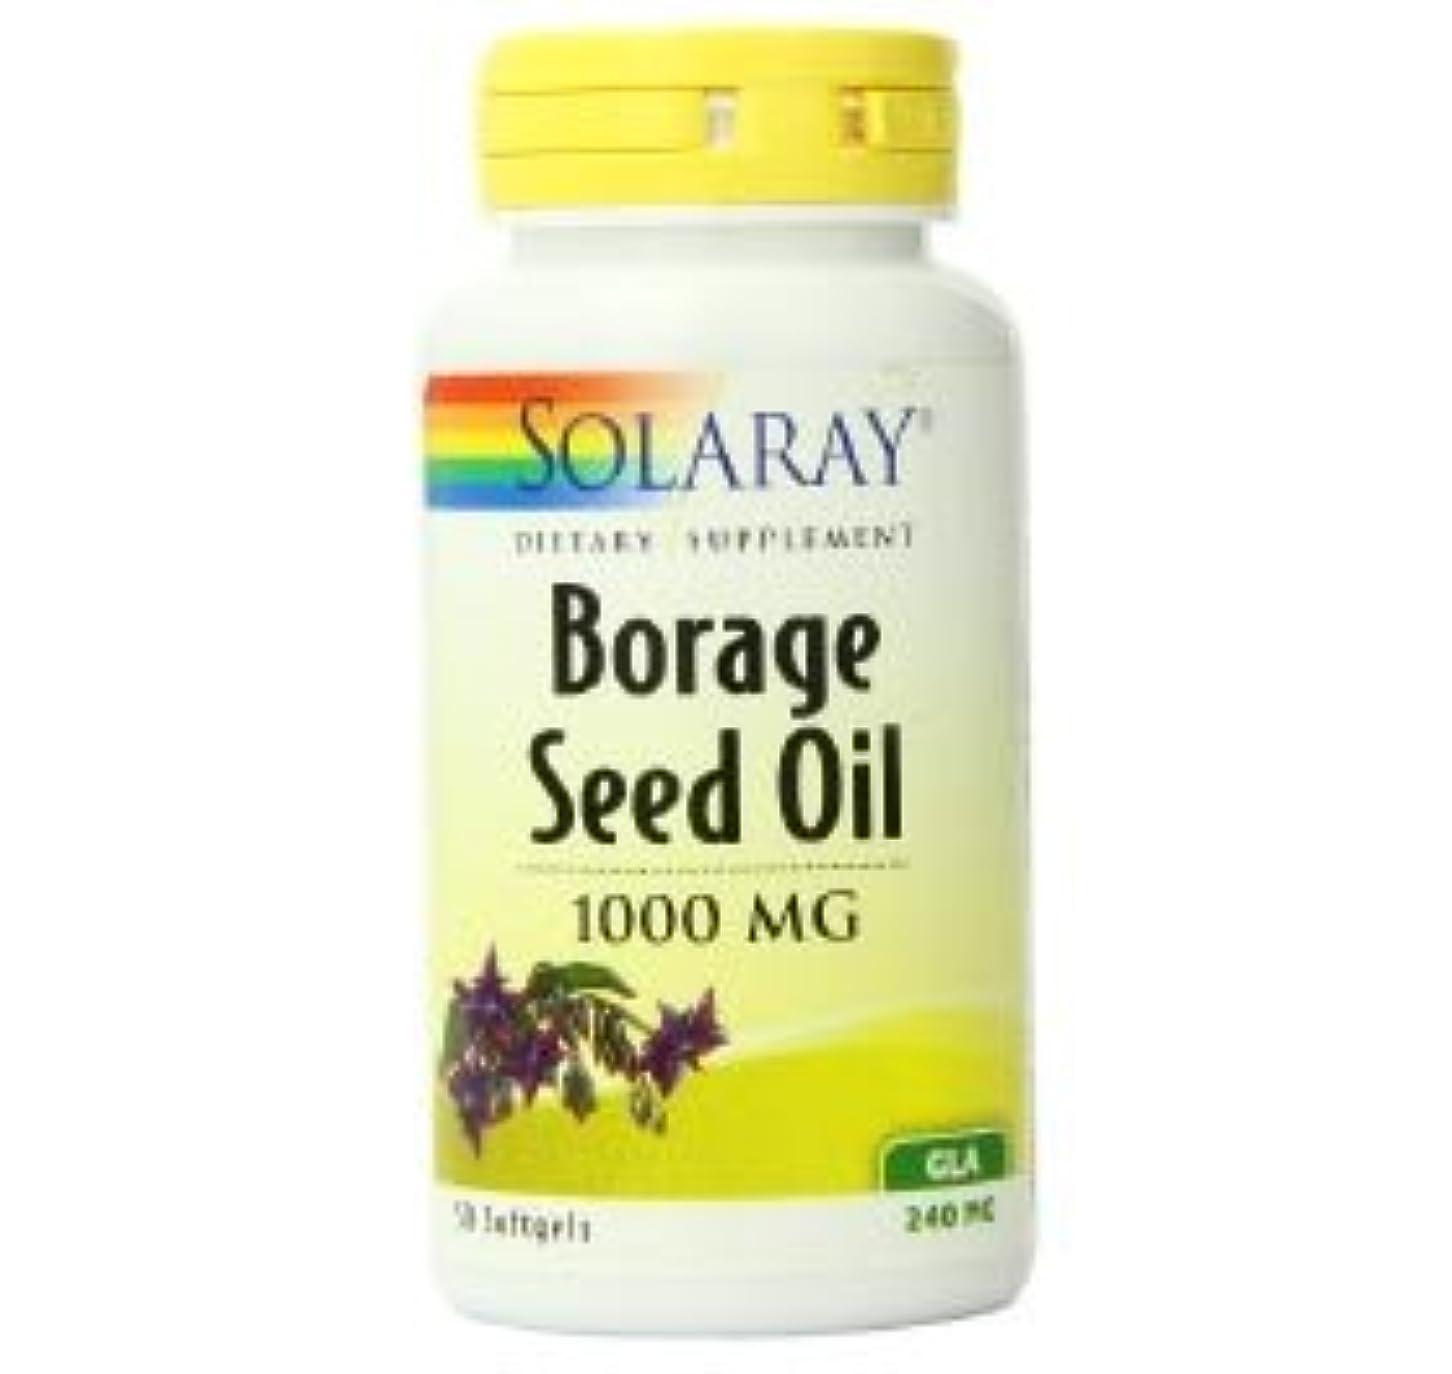 熱心な現実的くちばし【海外直送品】SOLARAY - Borage seed oil - 50softgel ボラージシードオイル